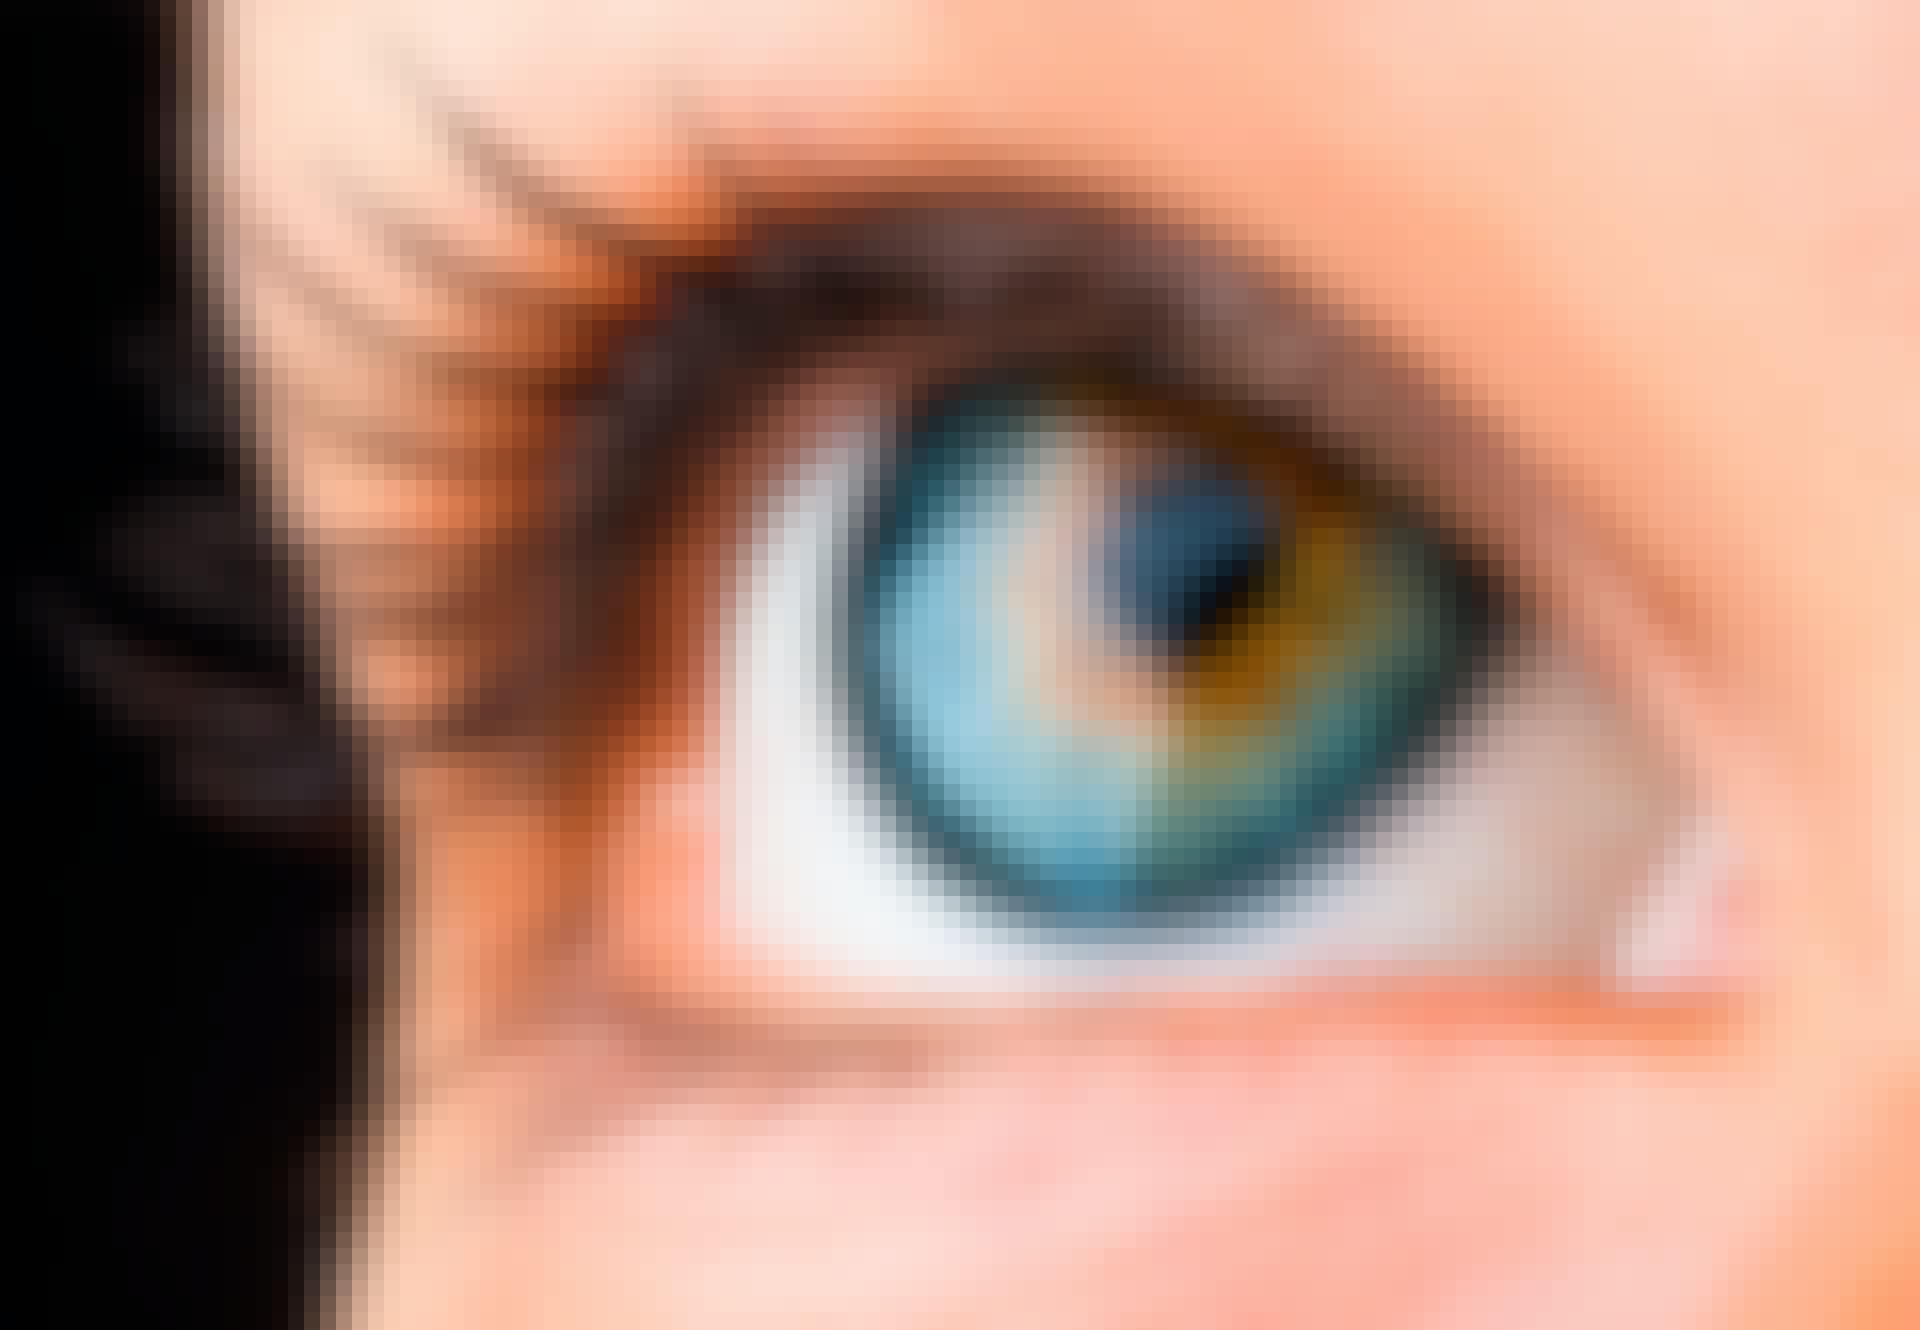 øjenfarve